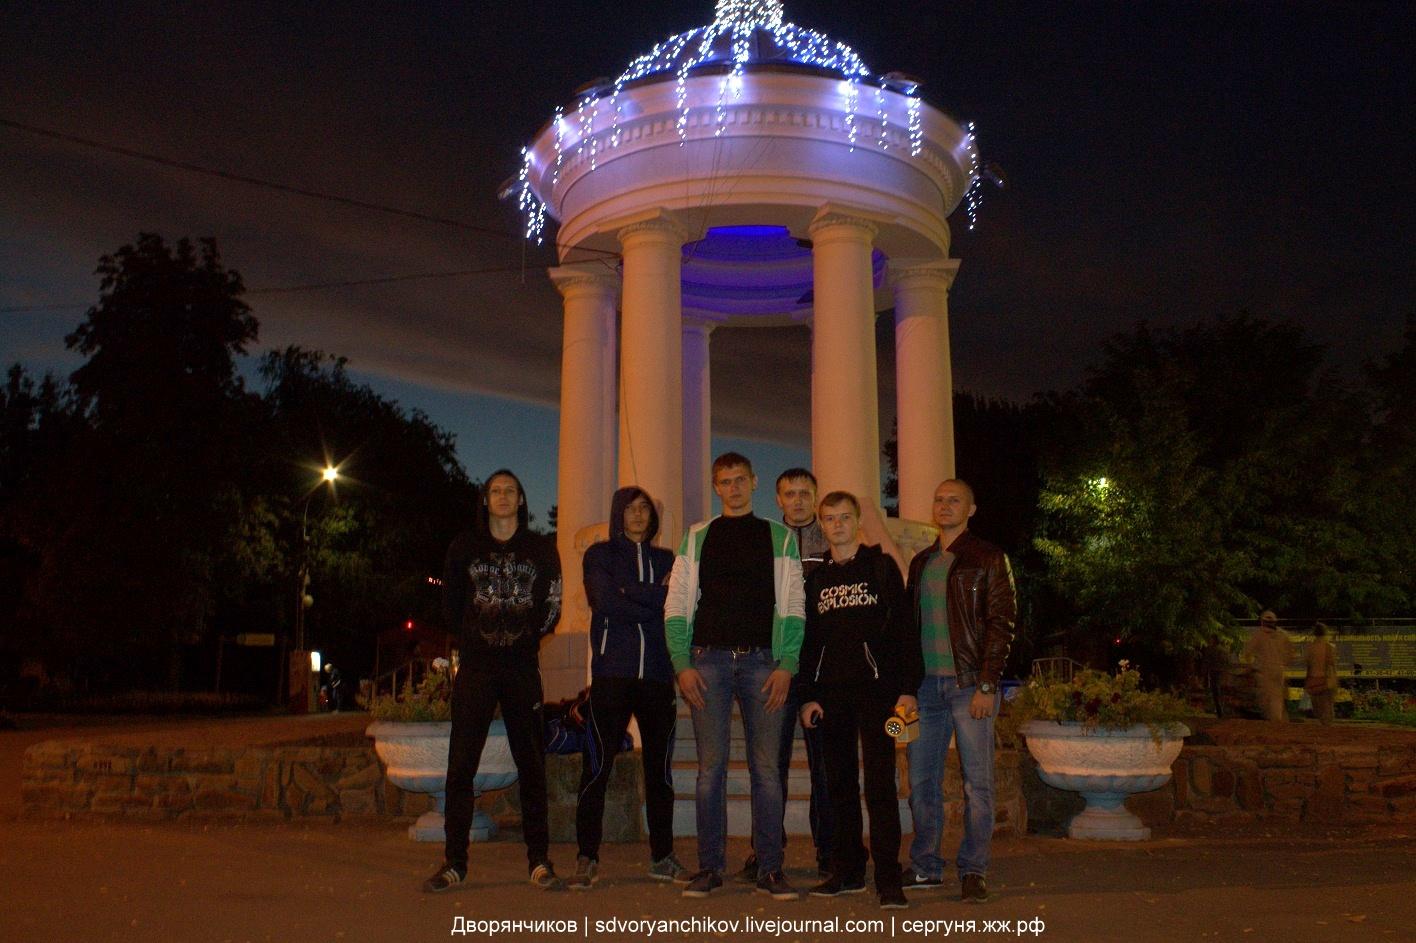 Лев Против - Парк ВГС - Волжский - 4 октября 2016